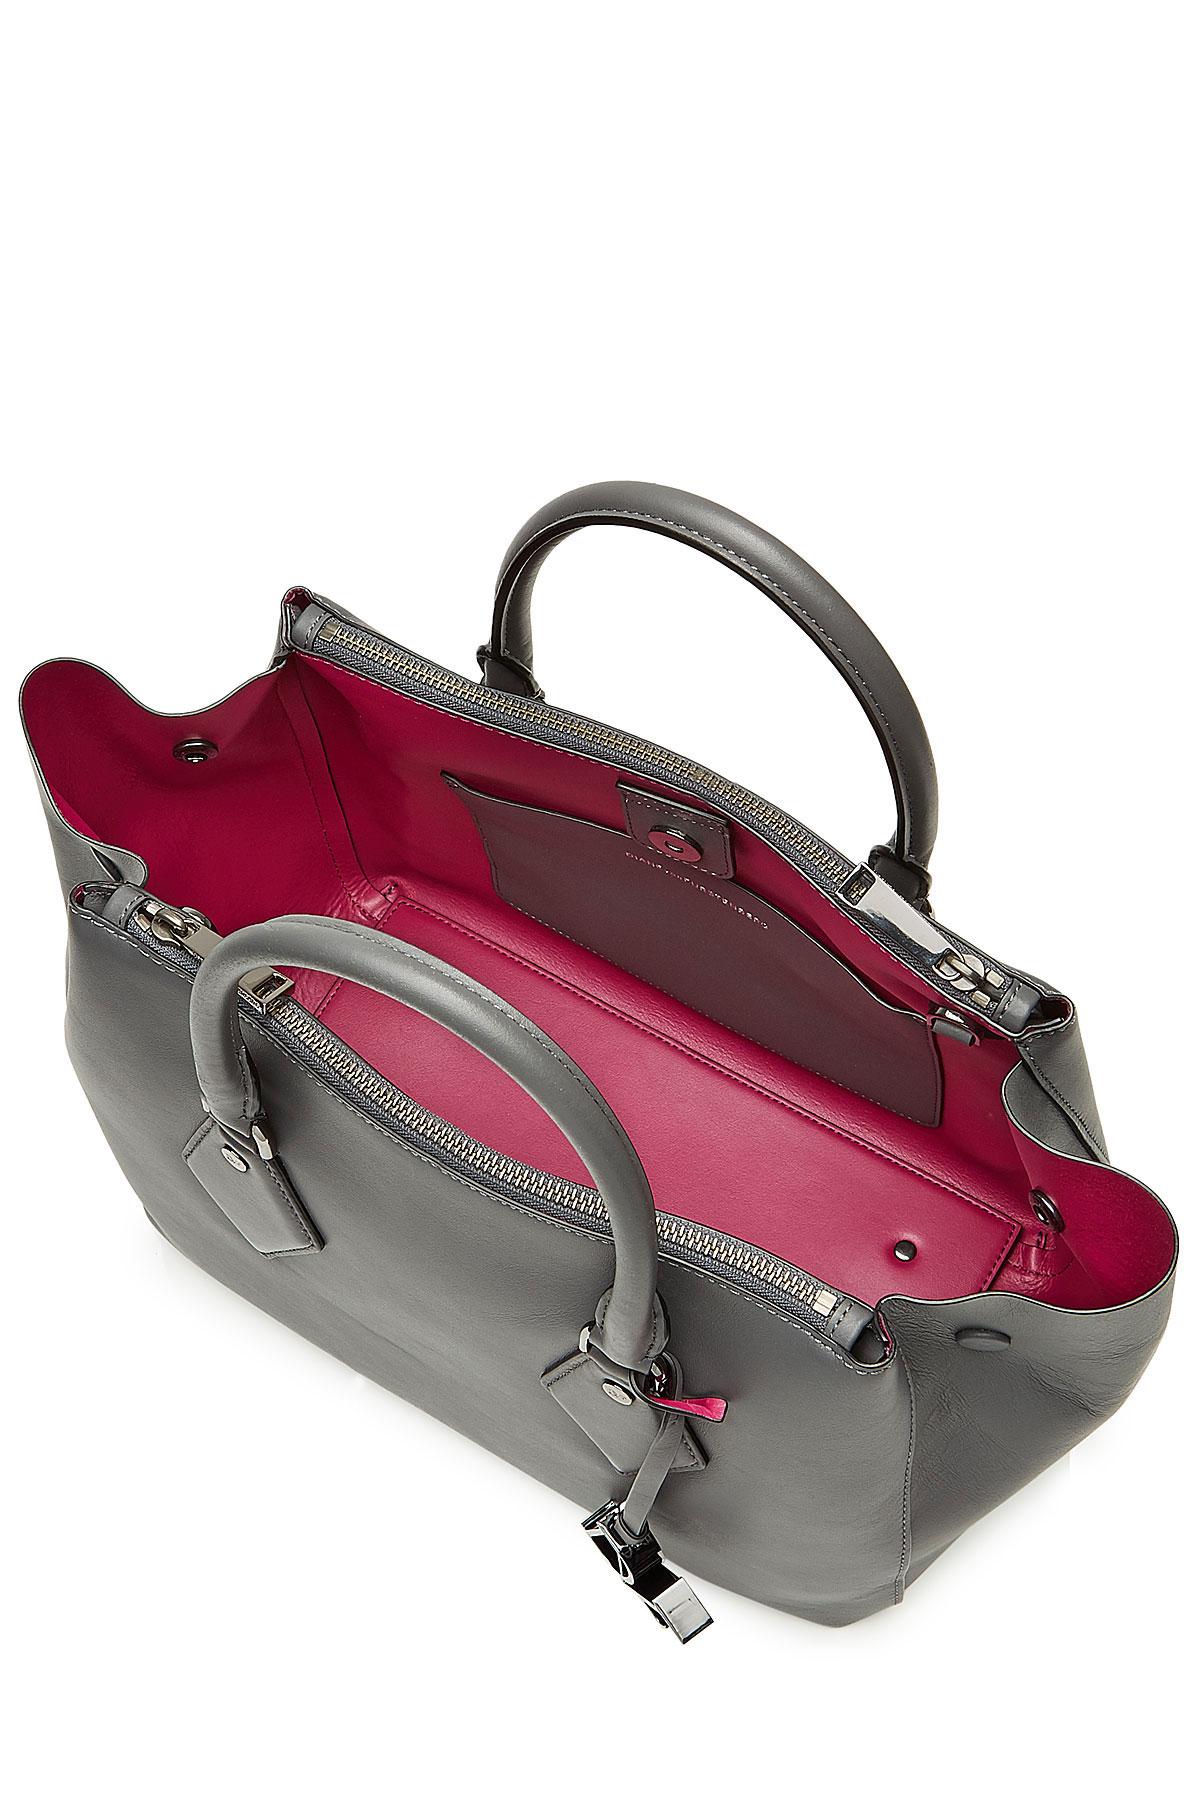 Diane von furstenberg Voyage Double Zip Satchel Medium Leather ...